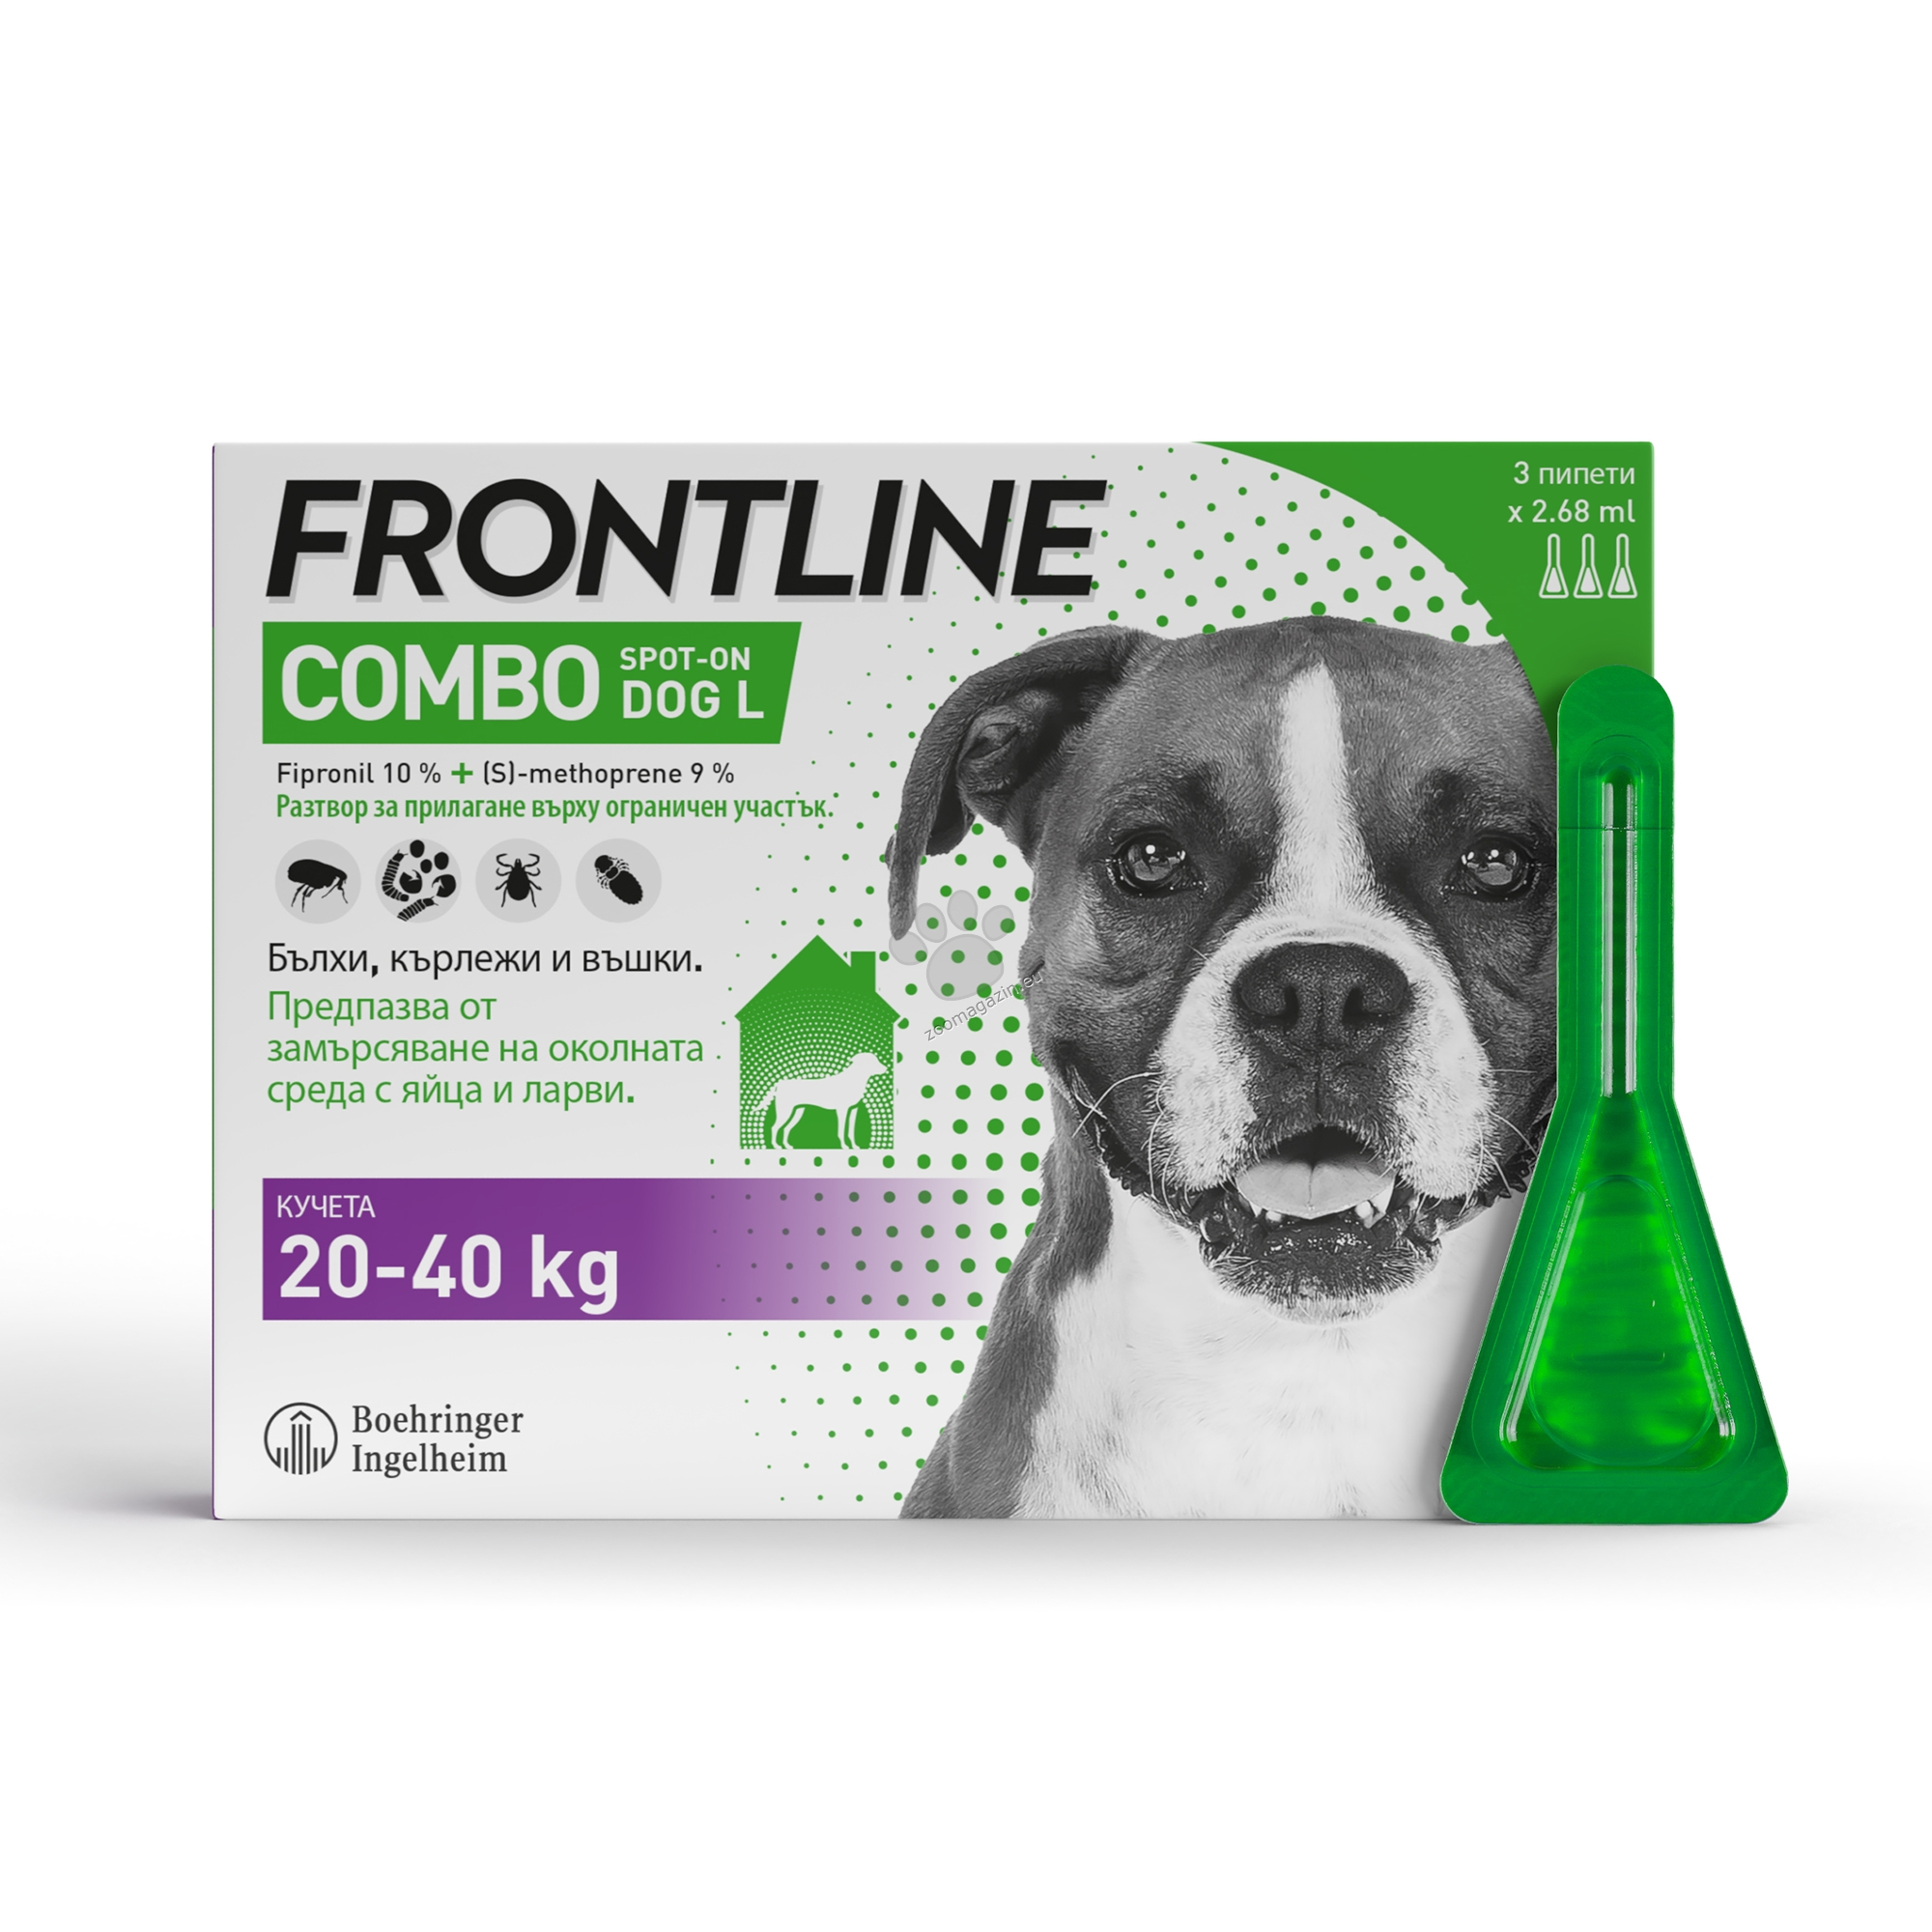 Frontline Combo spot on L - противопаразитни пипети за кучета от 20 до 40 кг. / кутия с 3 броя /